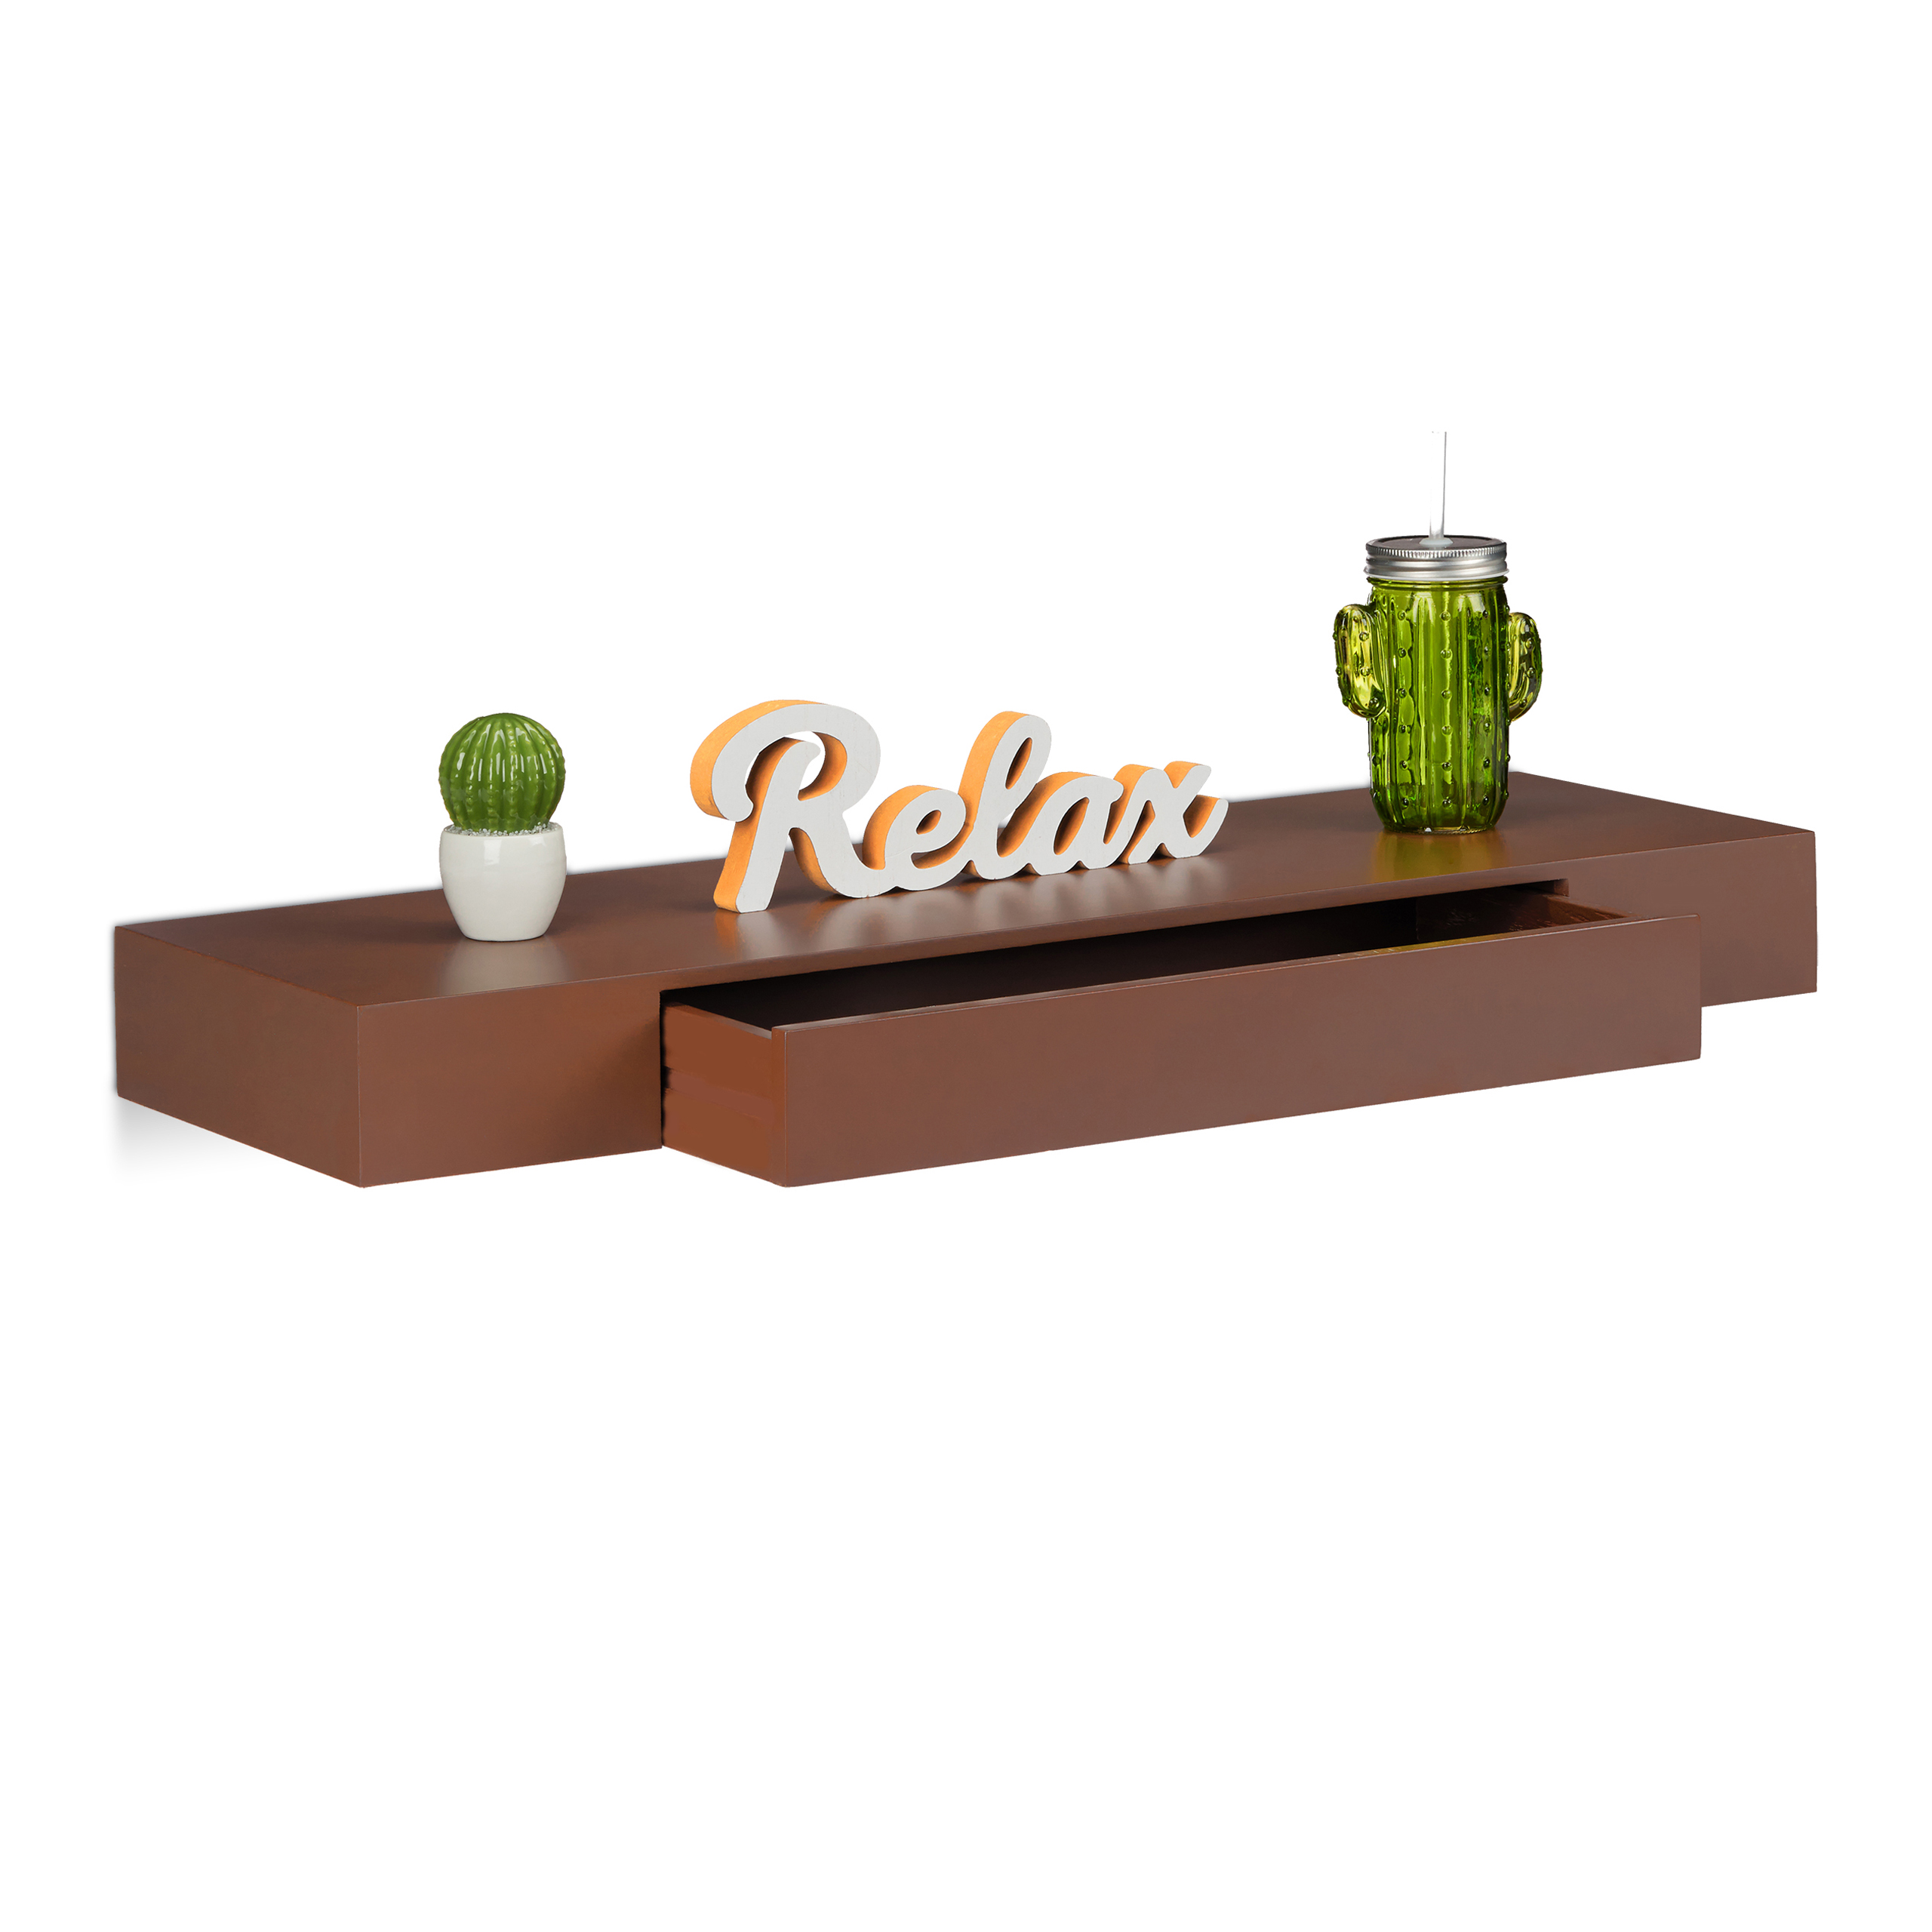 Balda flotante con caj n integrado moderna estante de pared madera colores ebay - Estante con cajon ...